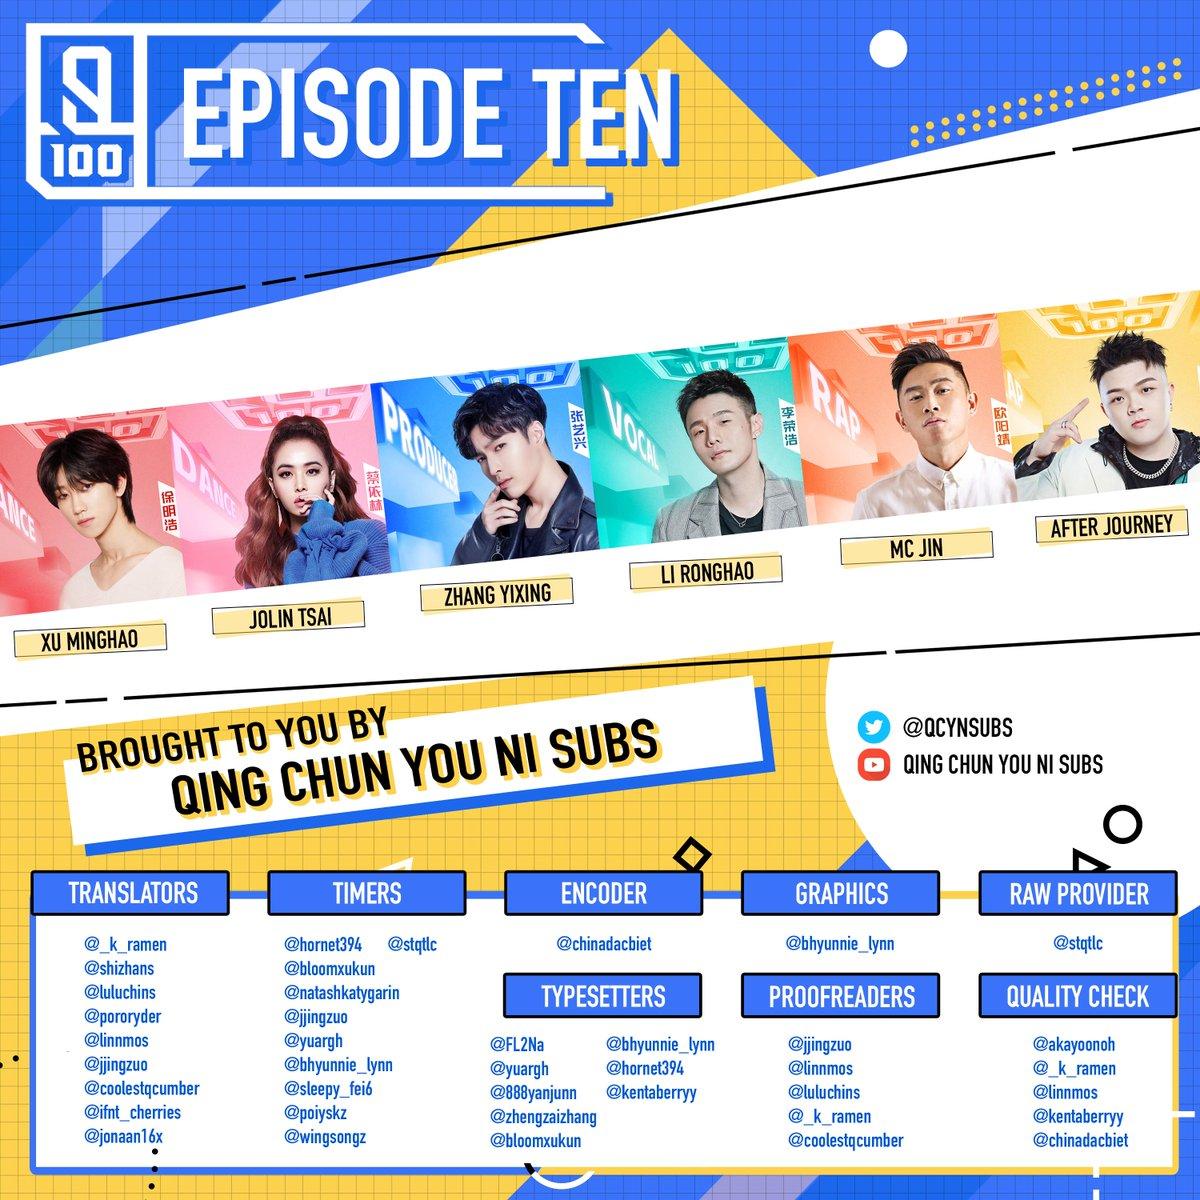 Qing Chun You Ni (Idol Producer Season 2) Subs on Twitter